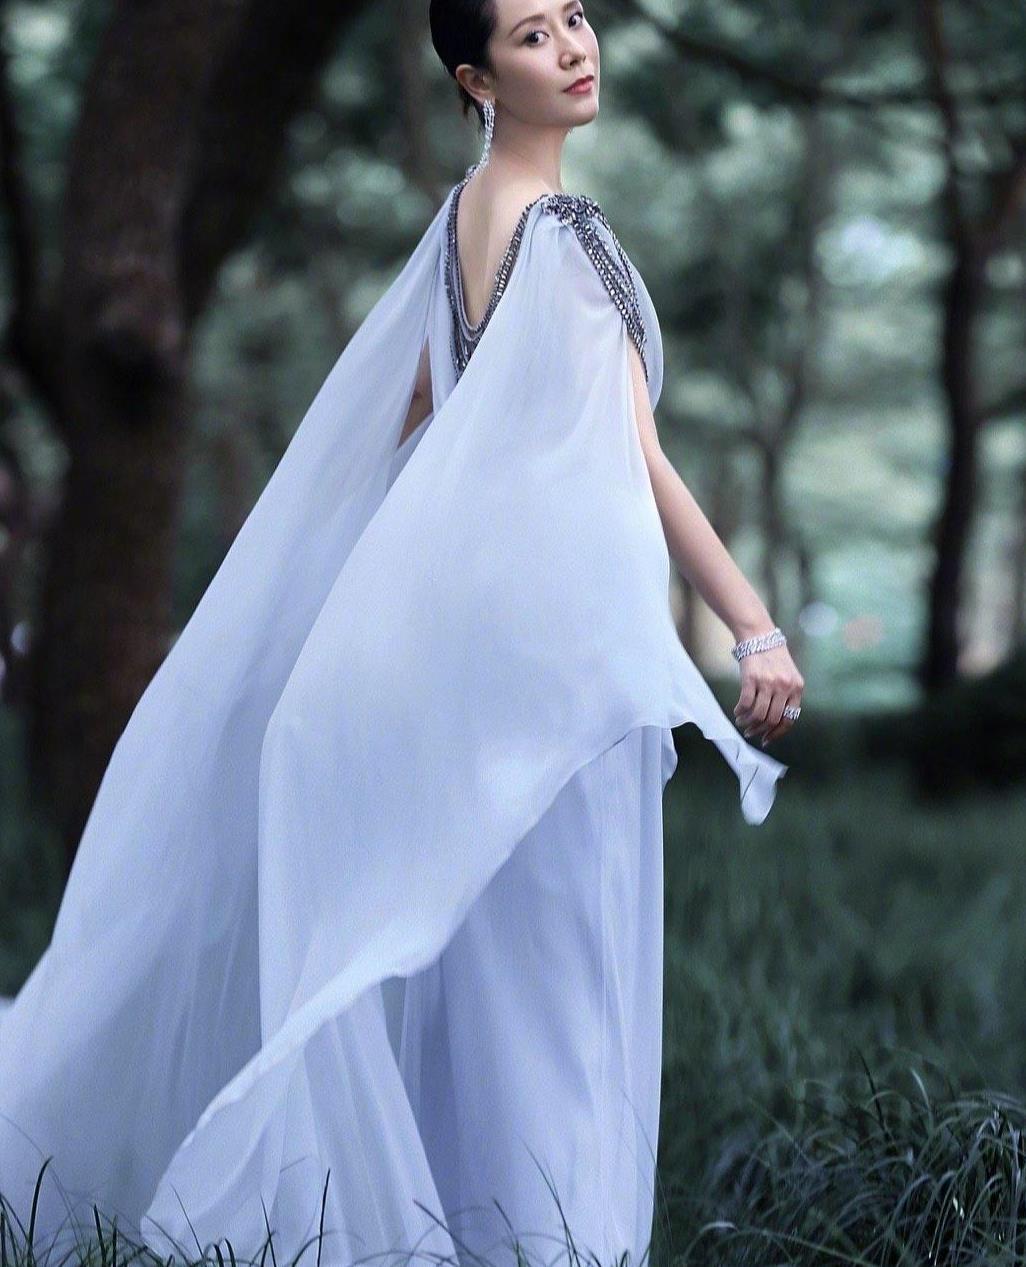 43岁海清惊现少女颜,白色雪纺裙搭配金属流苏,精致优雅仙气飘